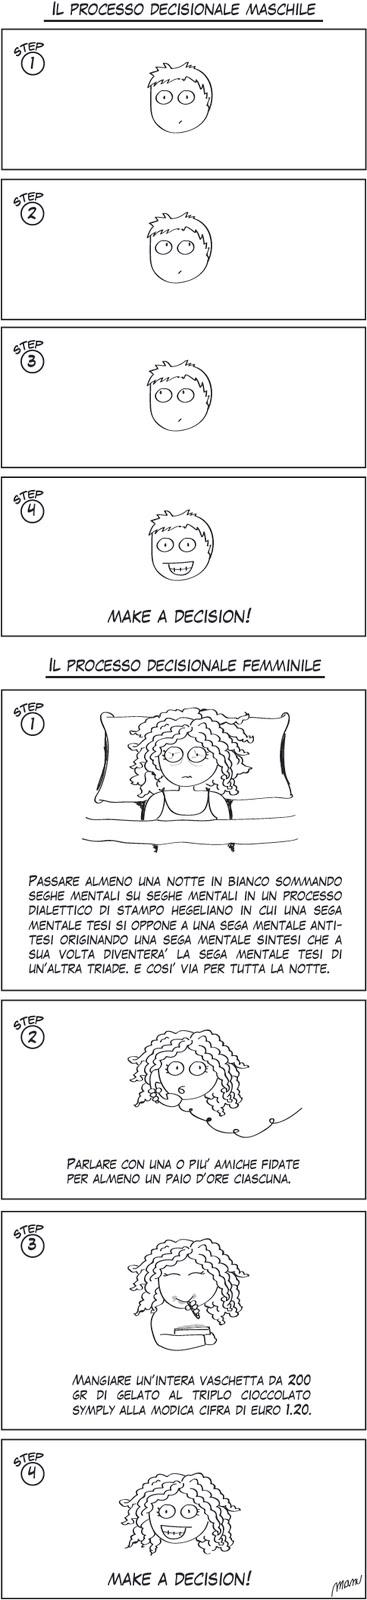 Fumetto sui differenti processi decisionali tra uomo e donna, la donna infatti passa le notti insonni a farsi le seghe mentali prima di prendere una decisione